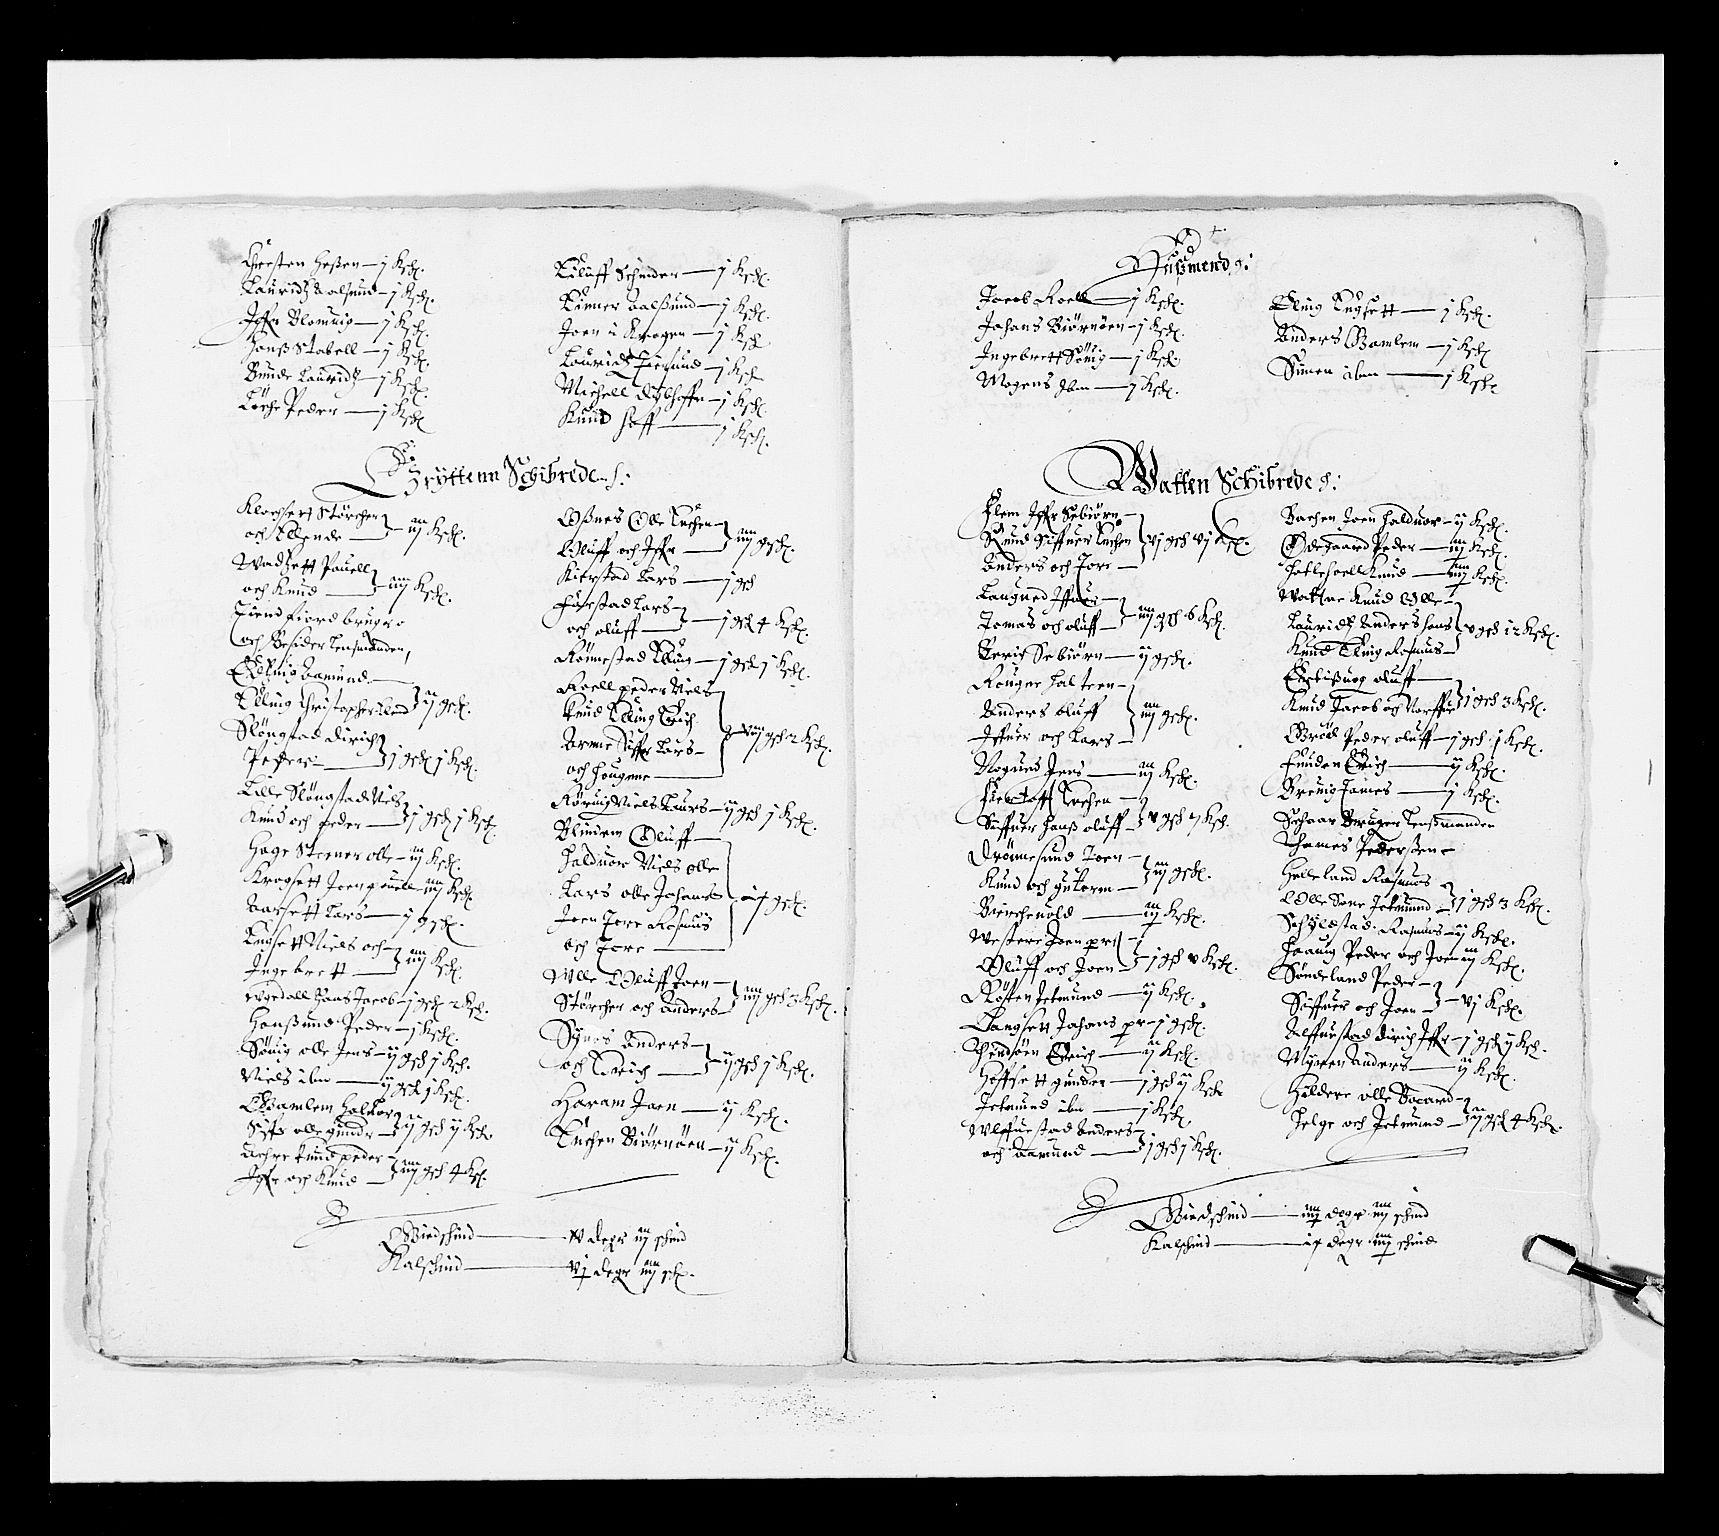 RA, Stattholderembetet 1572-1771, Ek/L0025: Jordebøker 1633-1658:, 1645-1646, s. 247